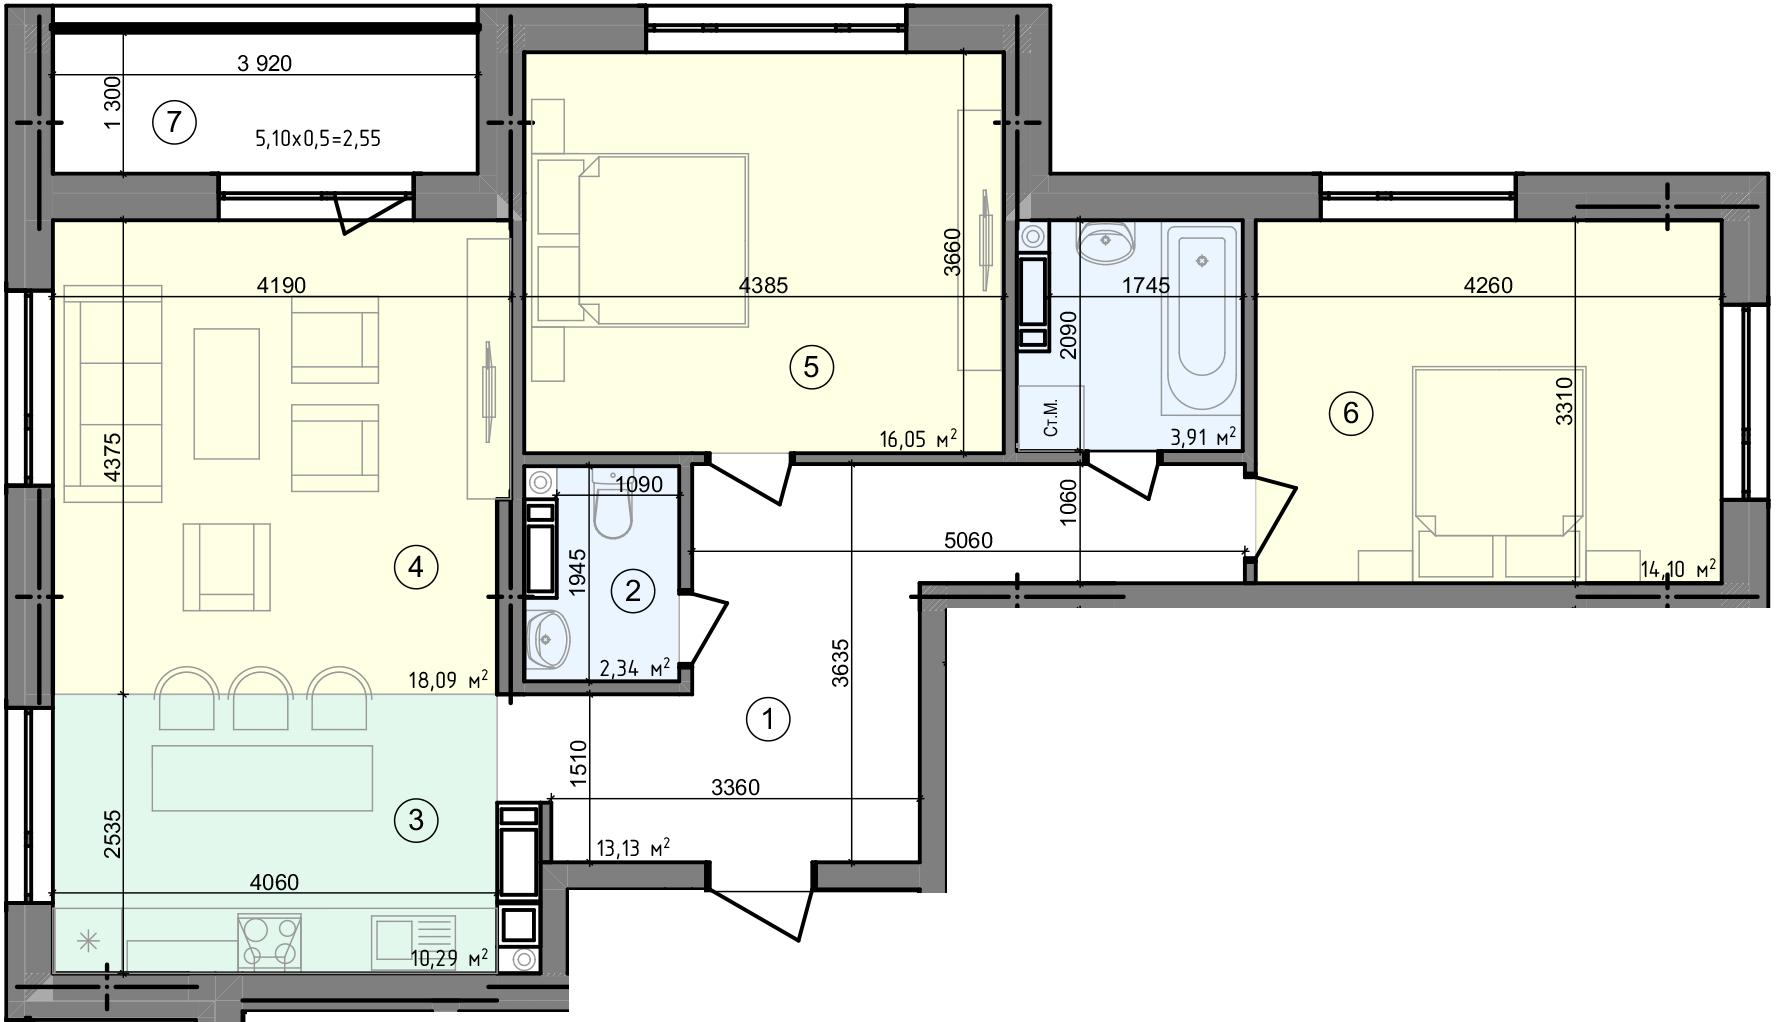 Купить Трехкомнатная квартира 80,46 кв.м., тип 3.1, дом 3, секция 4 в Киеве Голосеевский район